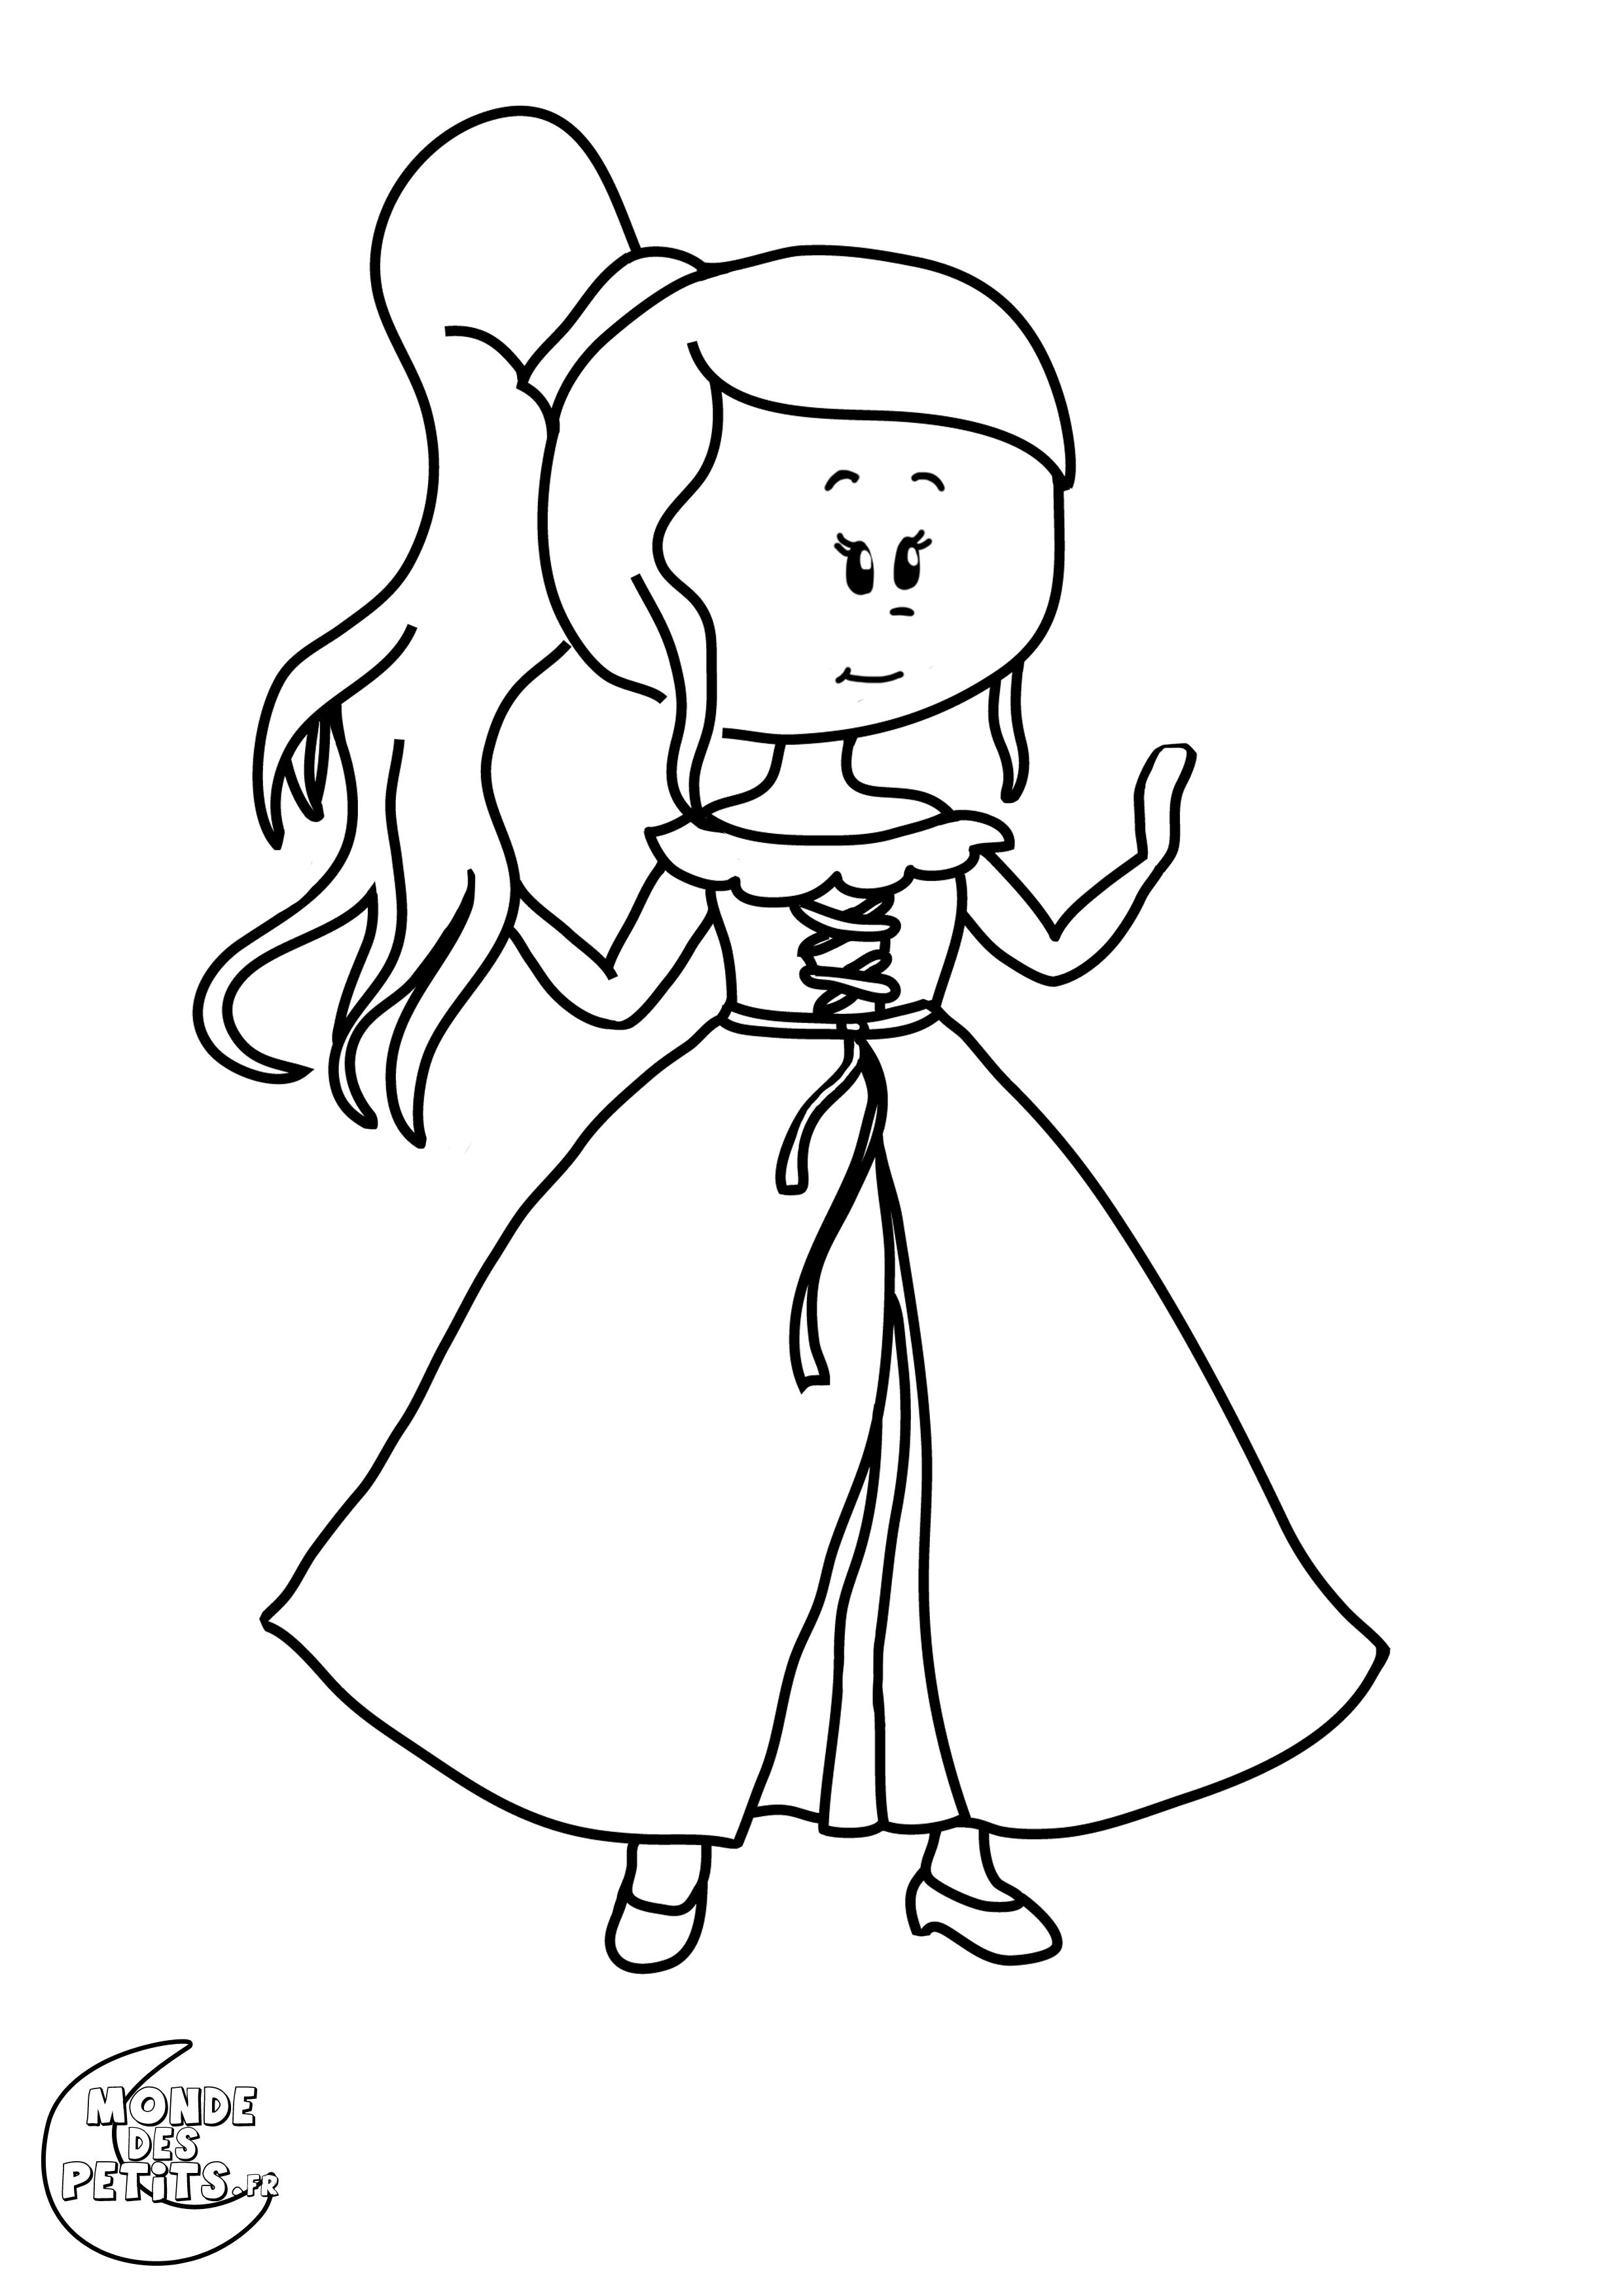 Monde des petits coloriages imprimer - Coloriage en ligne princesse ...